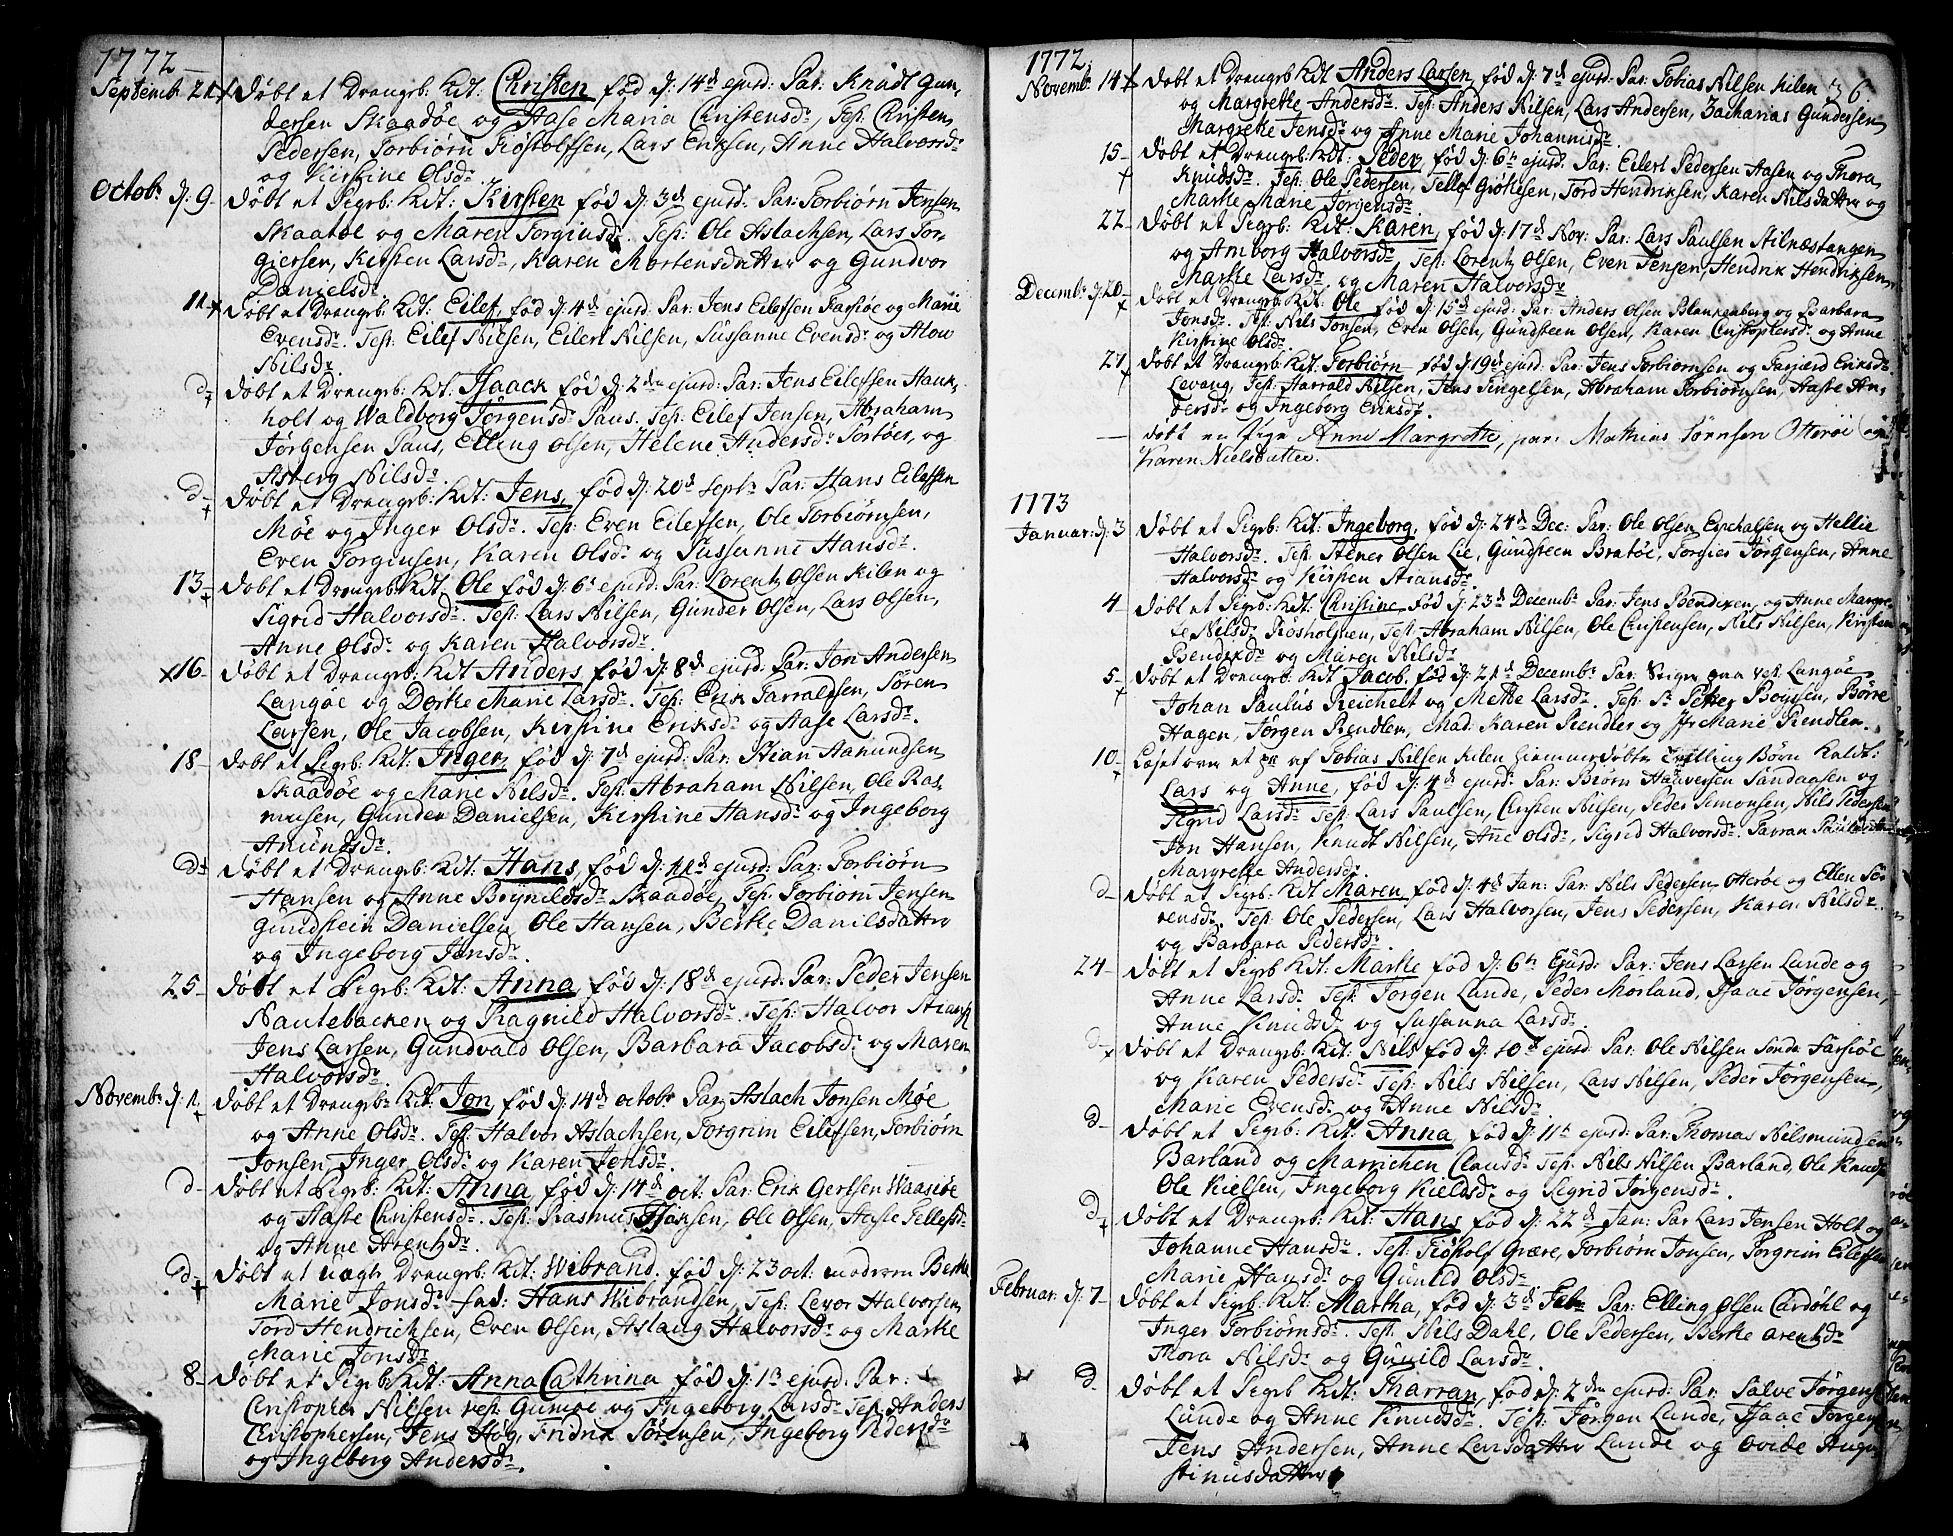 SAKO, Sannidal kirkebøker, F/Fa/L0002: Ministerialbok nr. 2, 1767-1802, s. 36